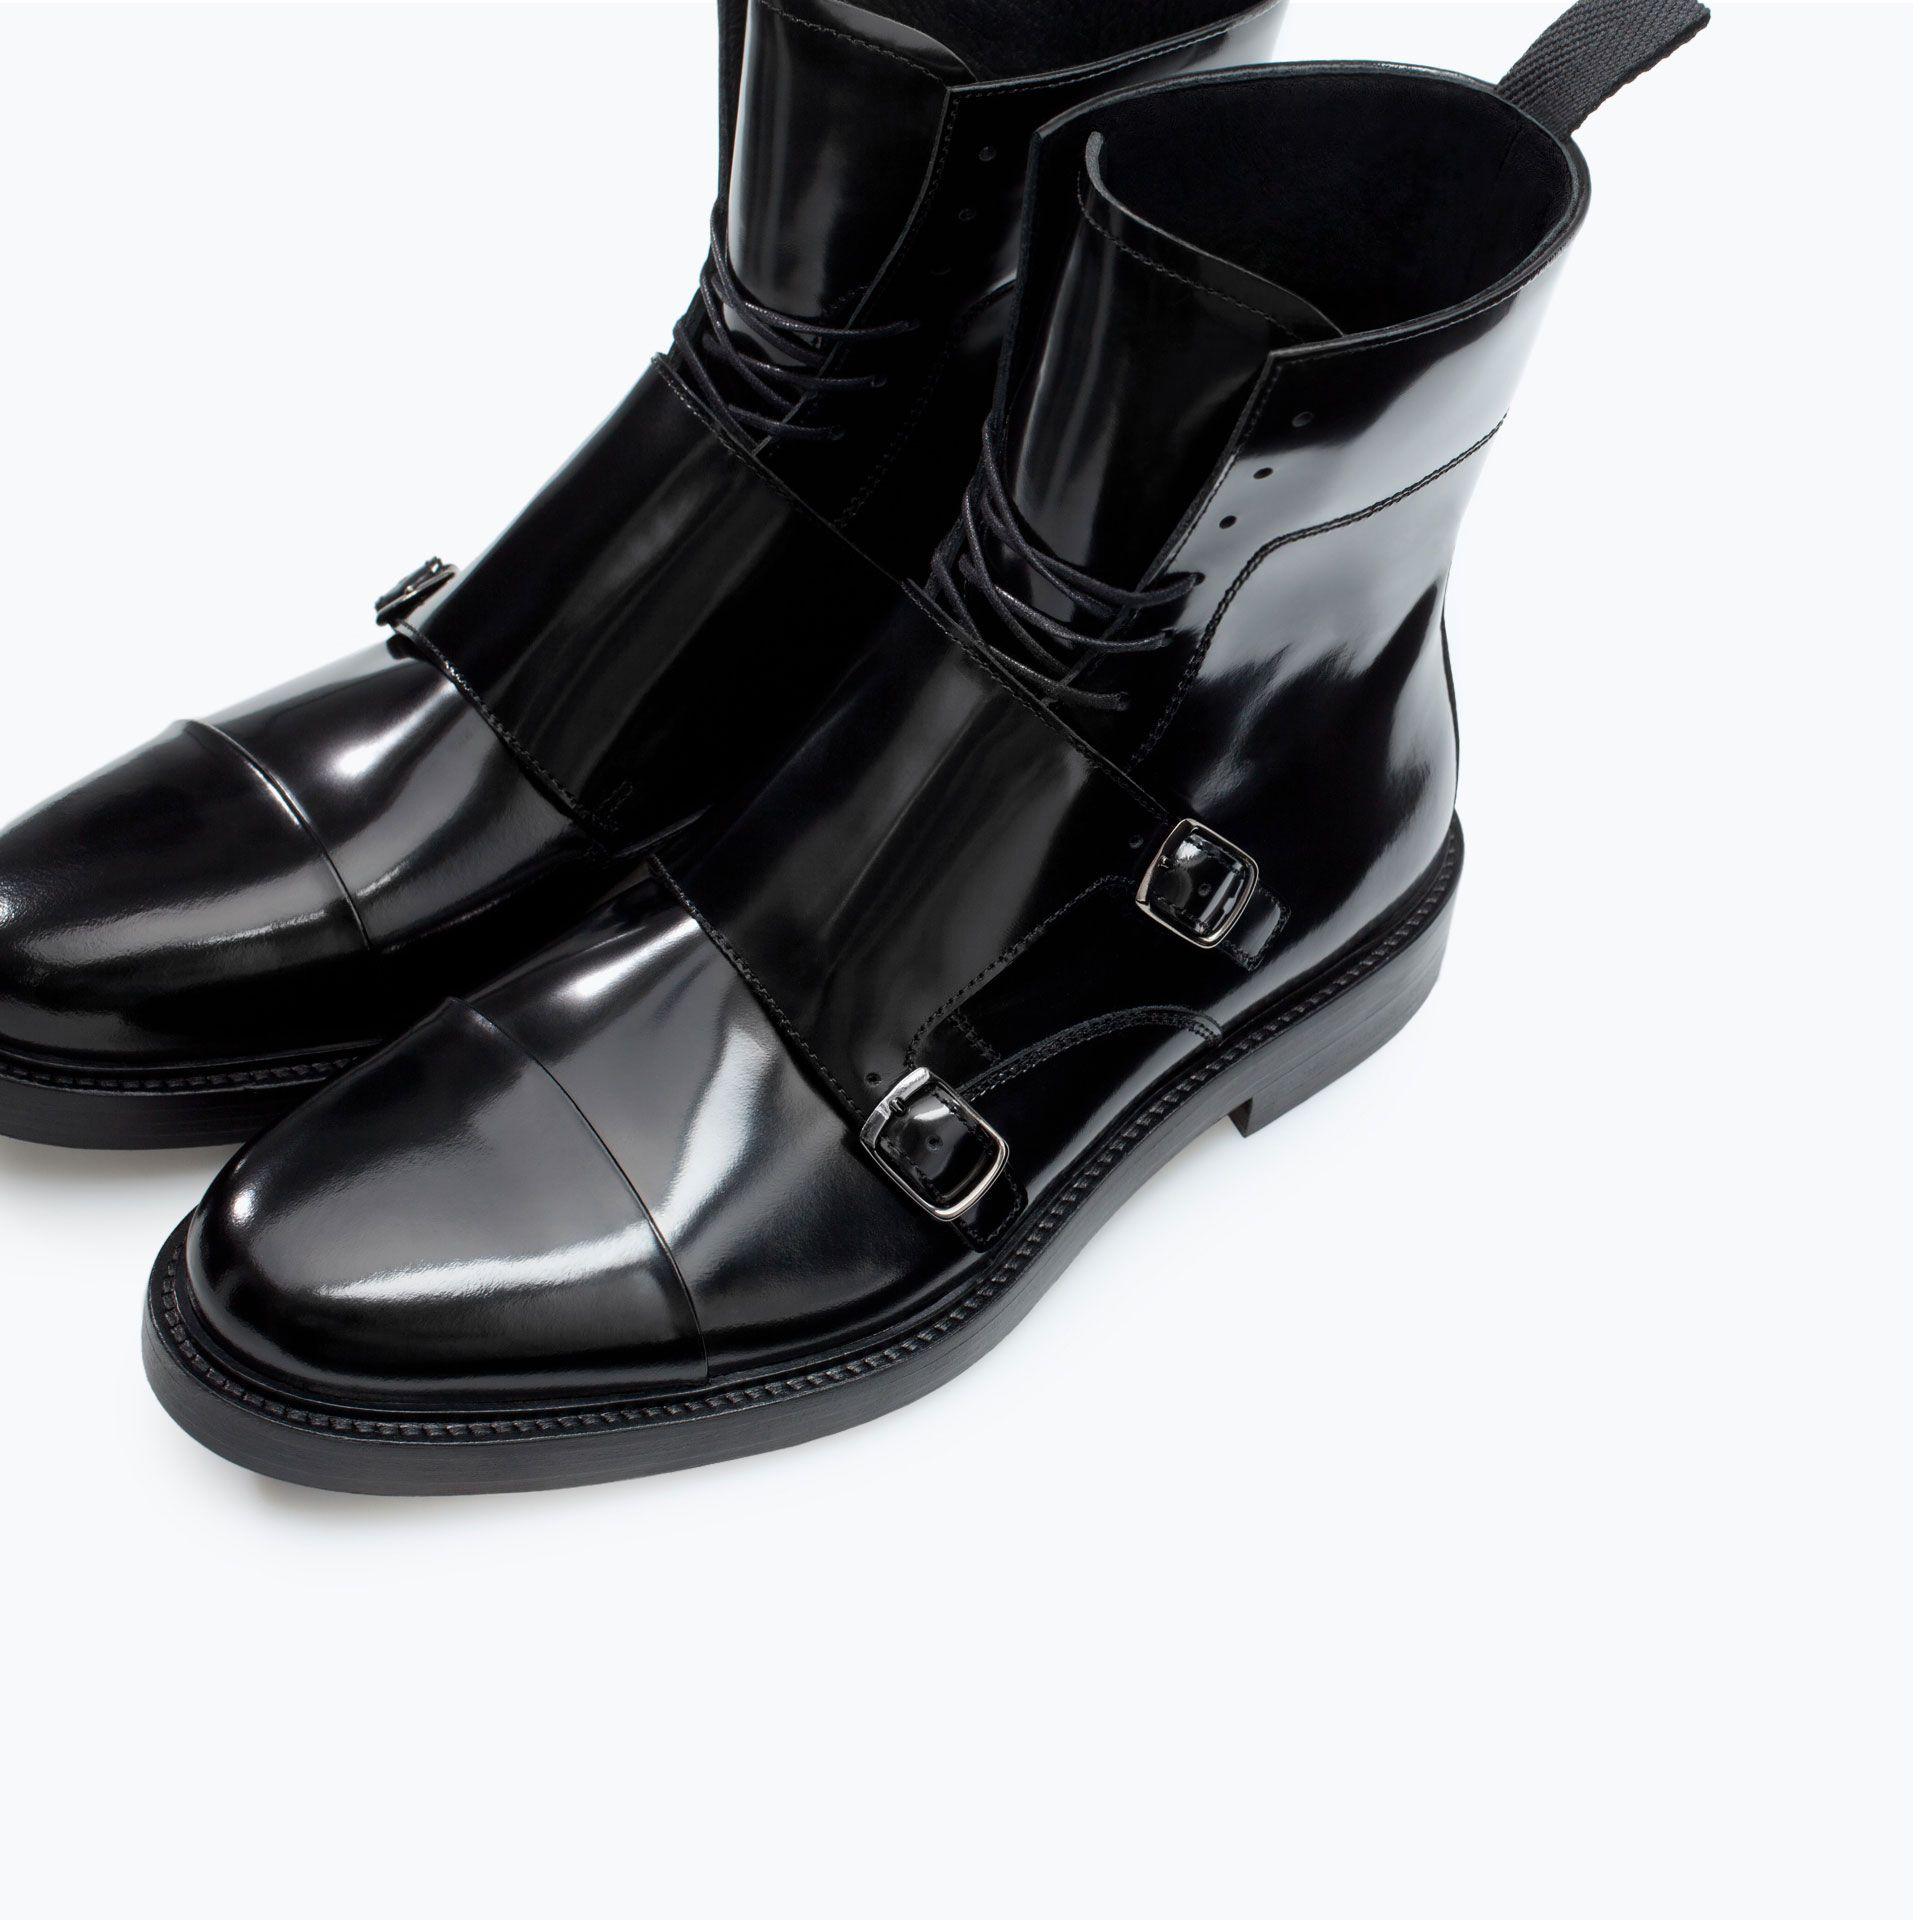 économiser 0f4bf 0f17f Zara | BOTTES EN CUIR AVEC BOUCLES | Boots Homme | Bottines ...